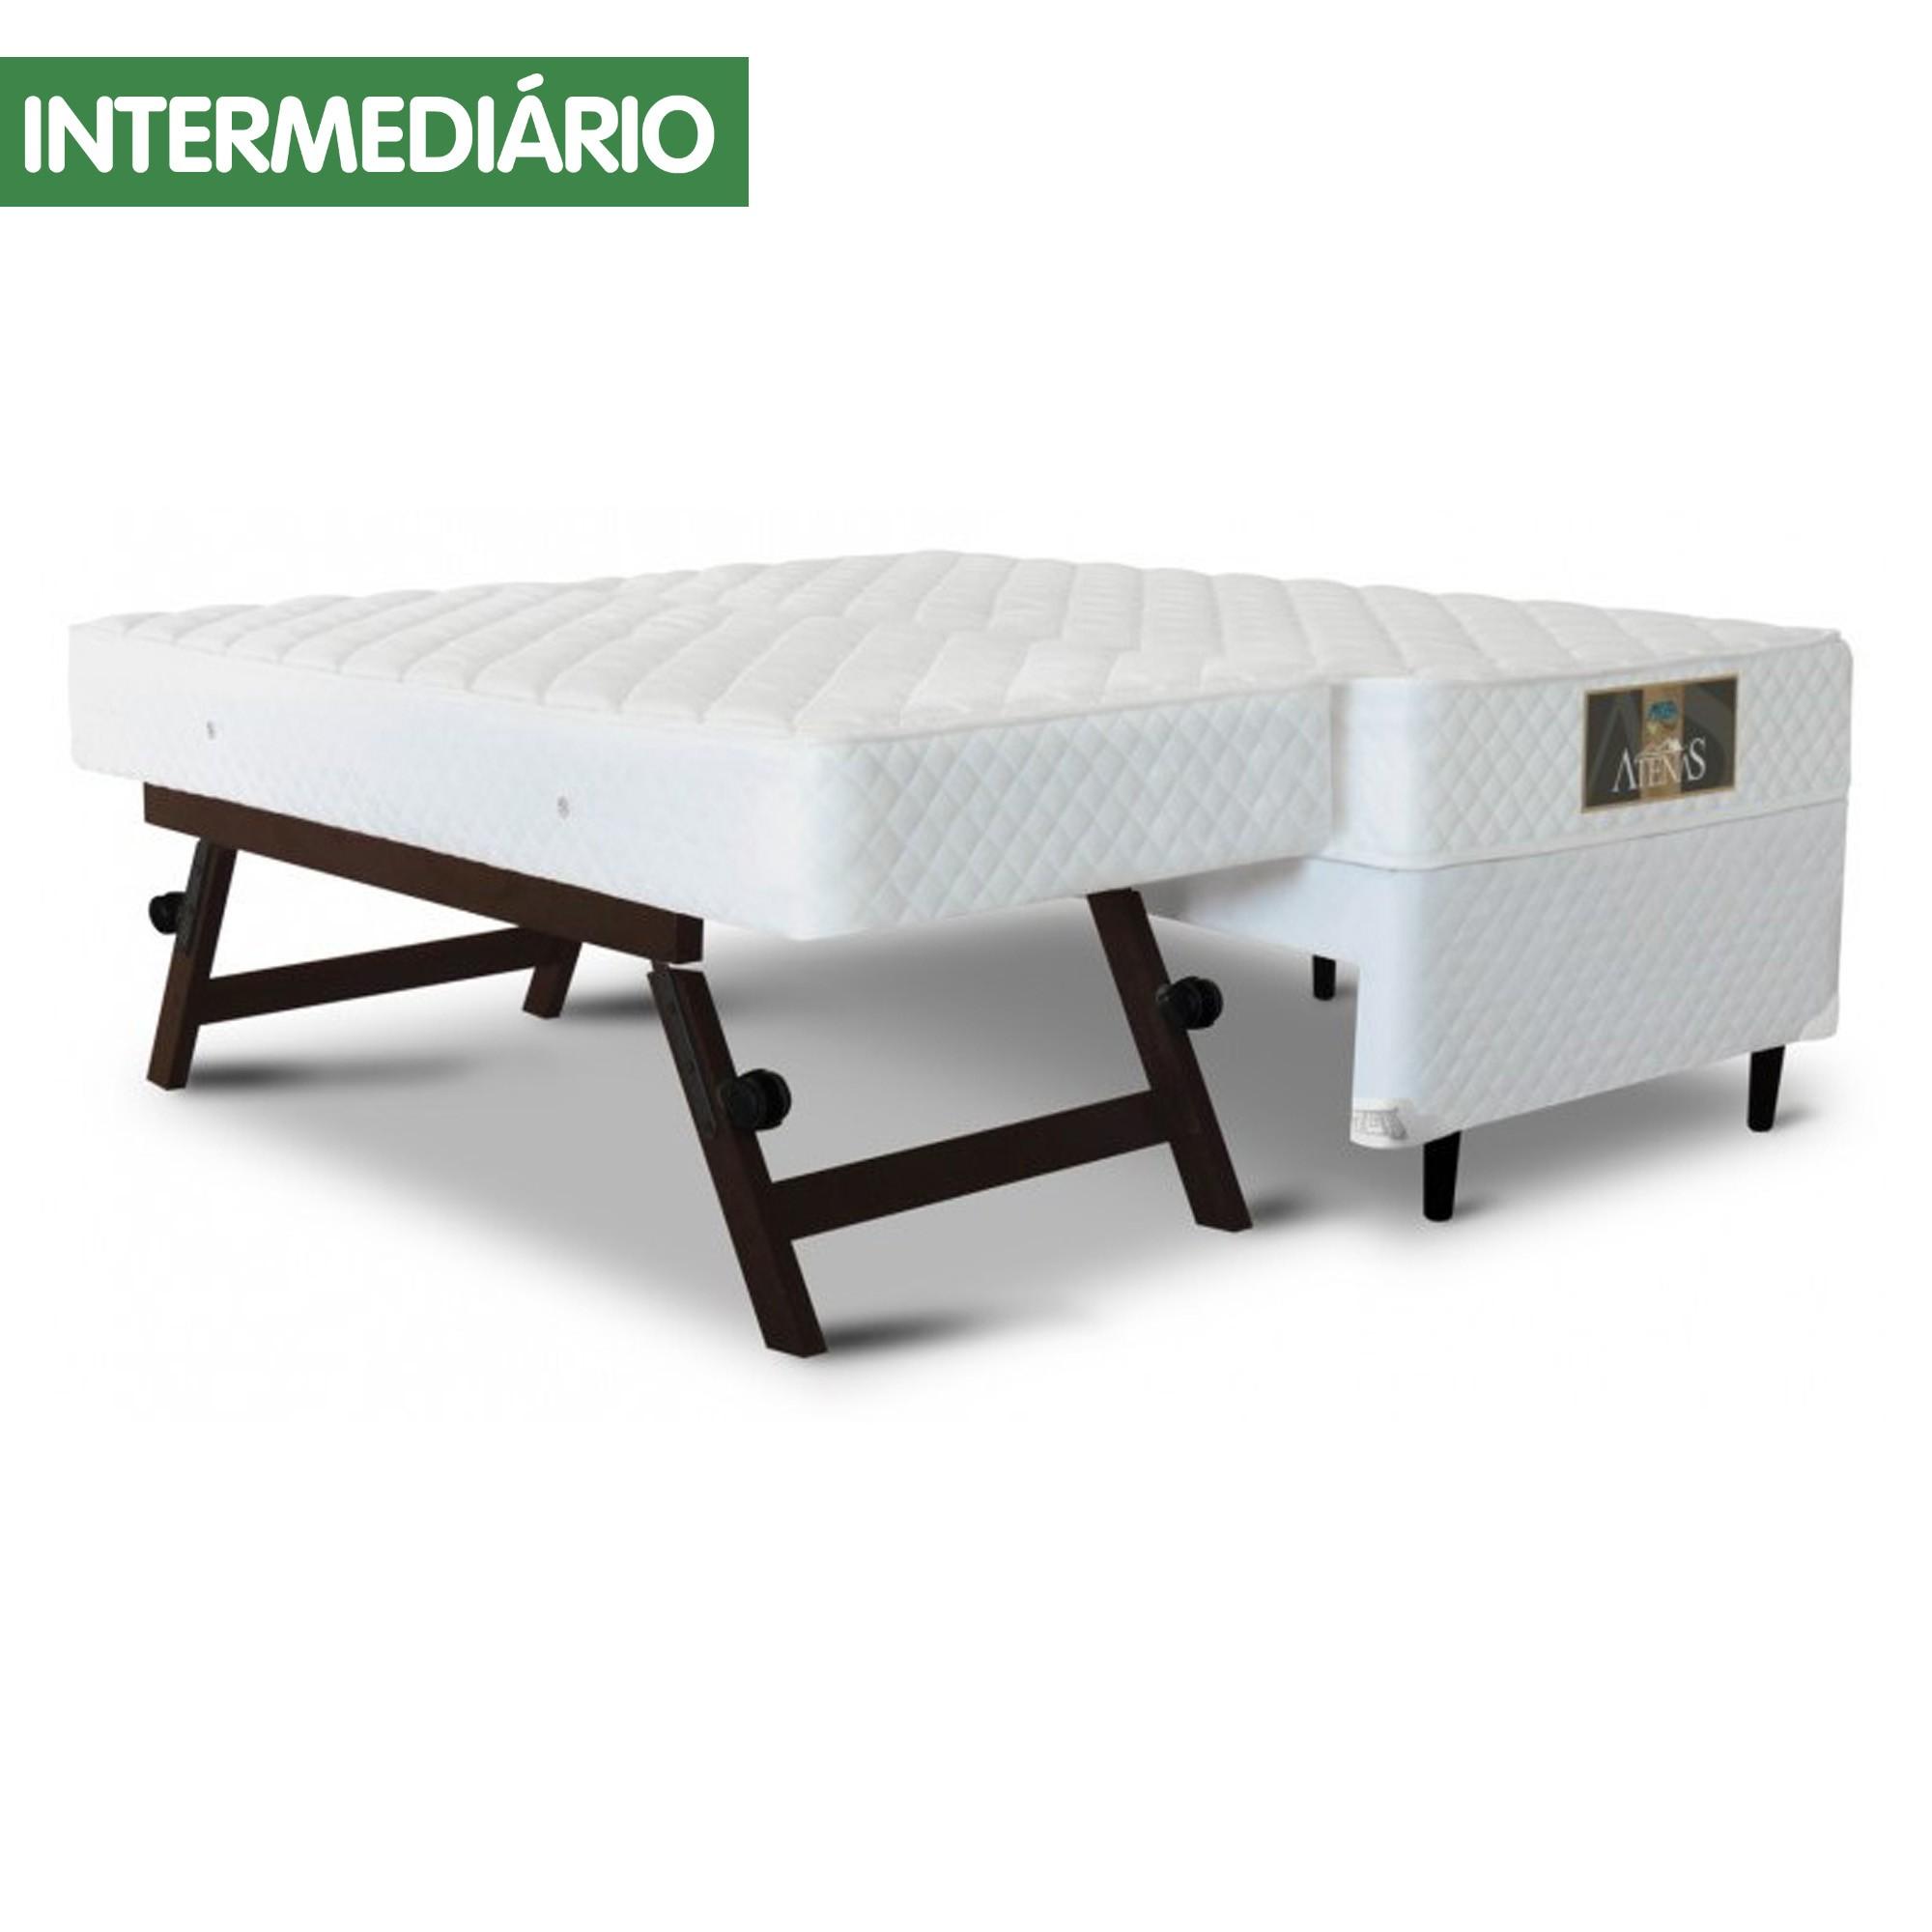 Conjunto Box Bicama Molejo Versátil com Colchão Atenas, MGA, Branca, Solteirão 096 x 203 cm